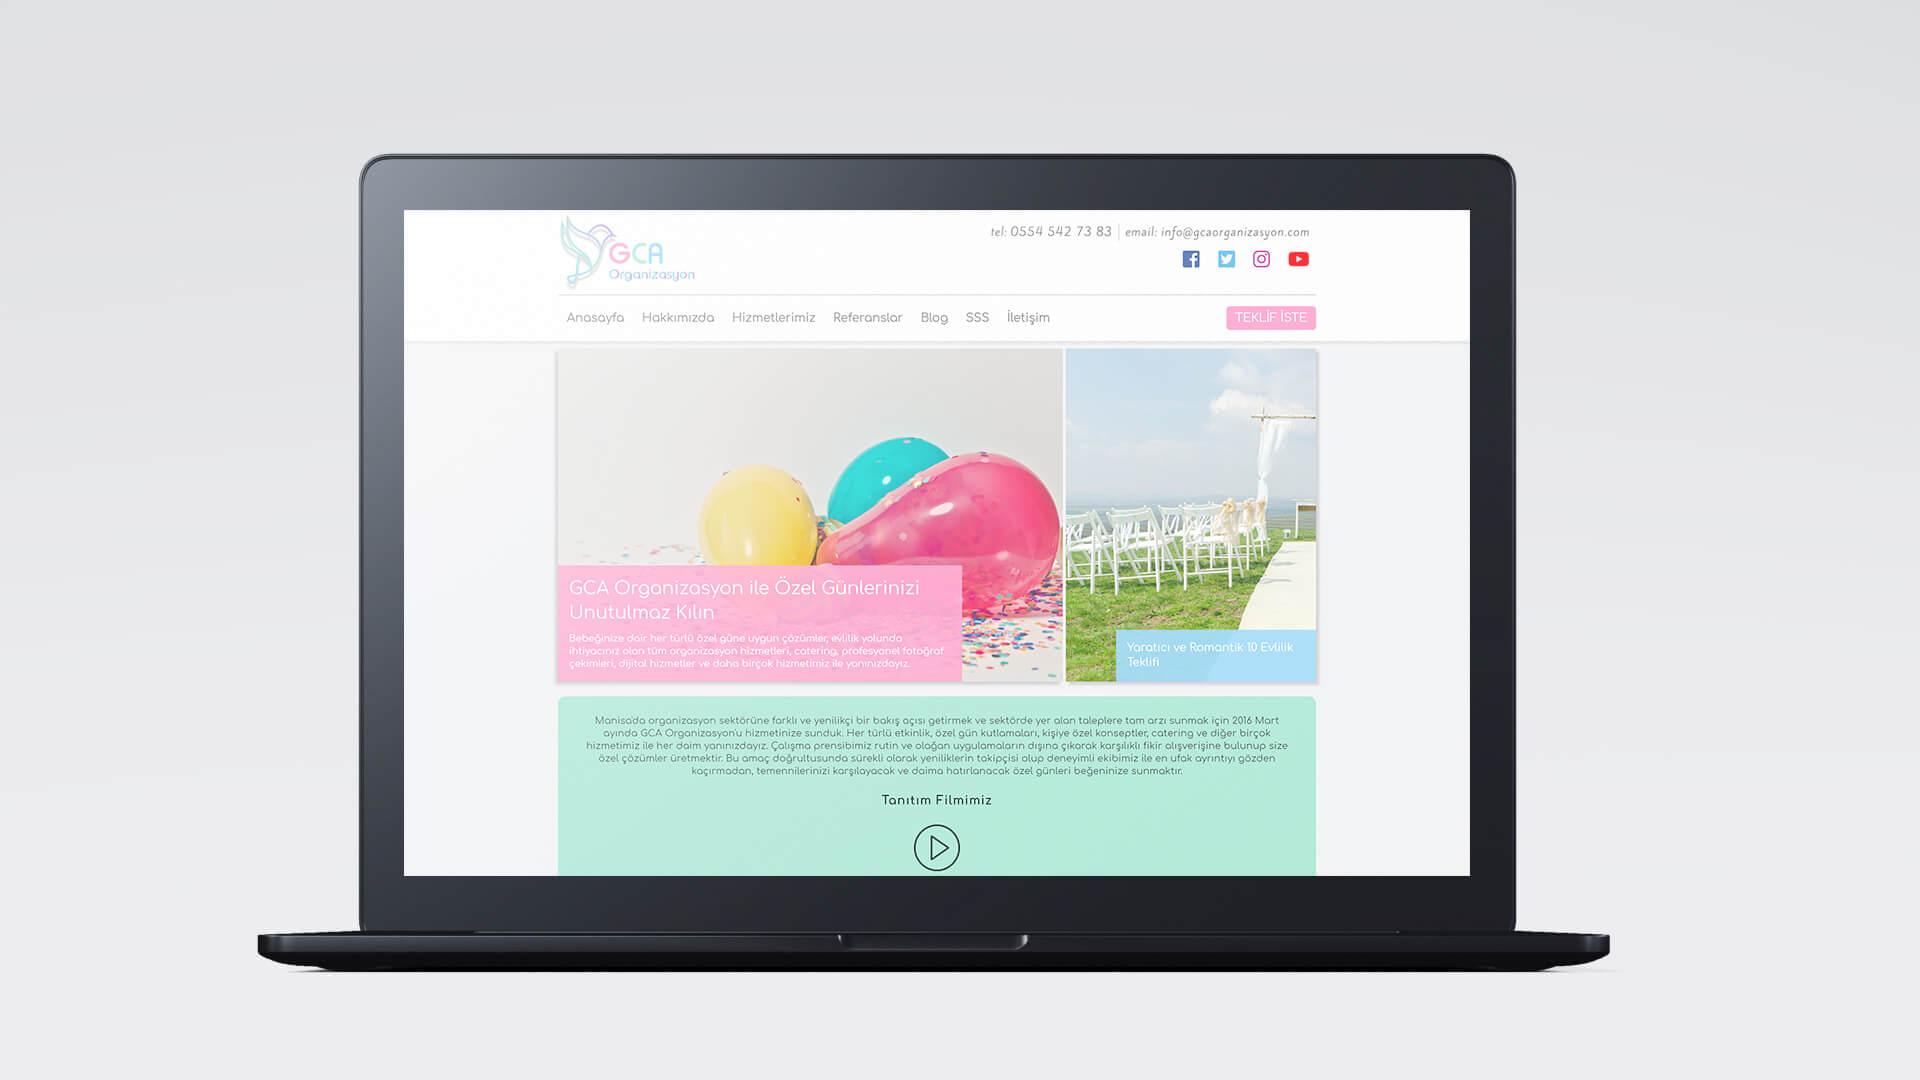 gca-organizasyon-laptop